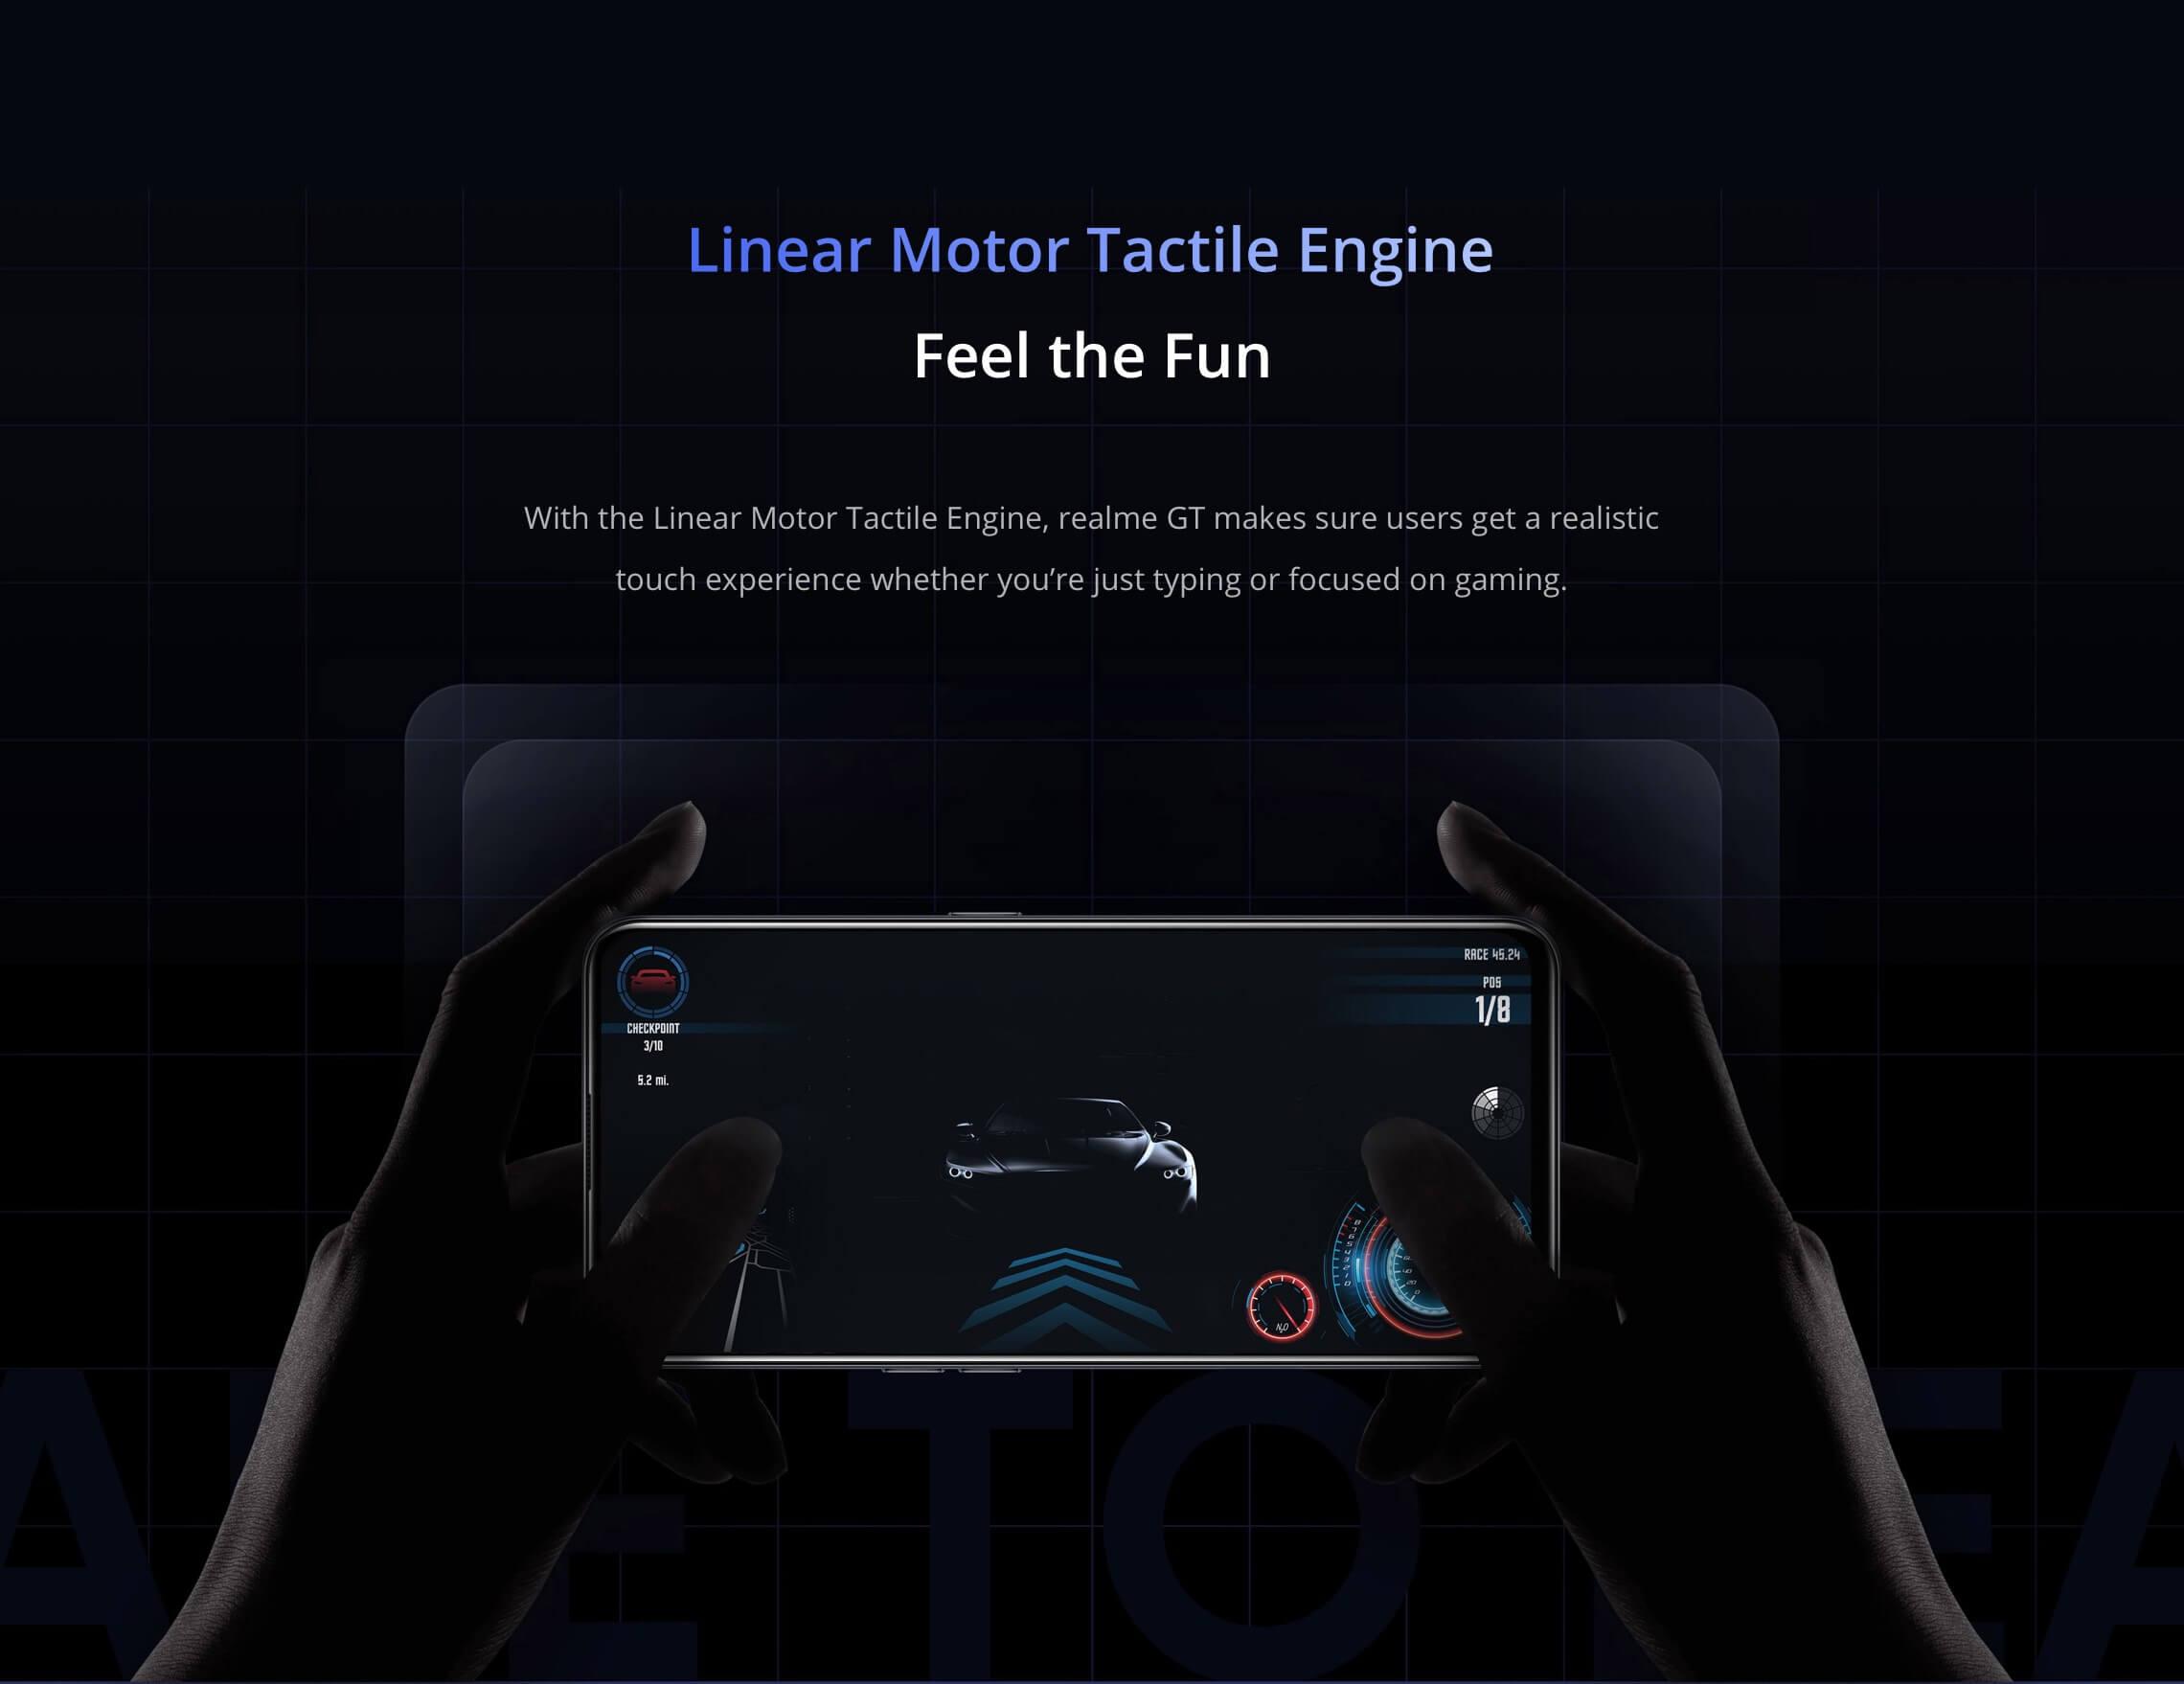 Realme GT 5G engine